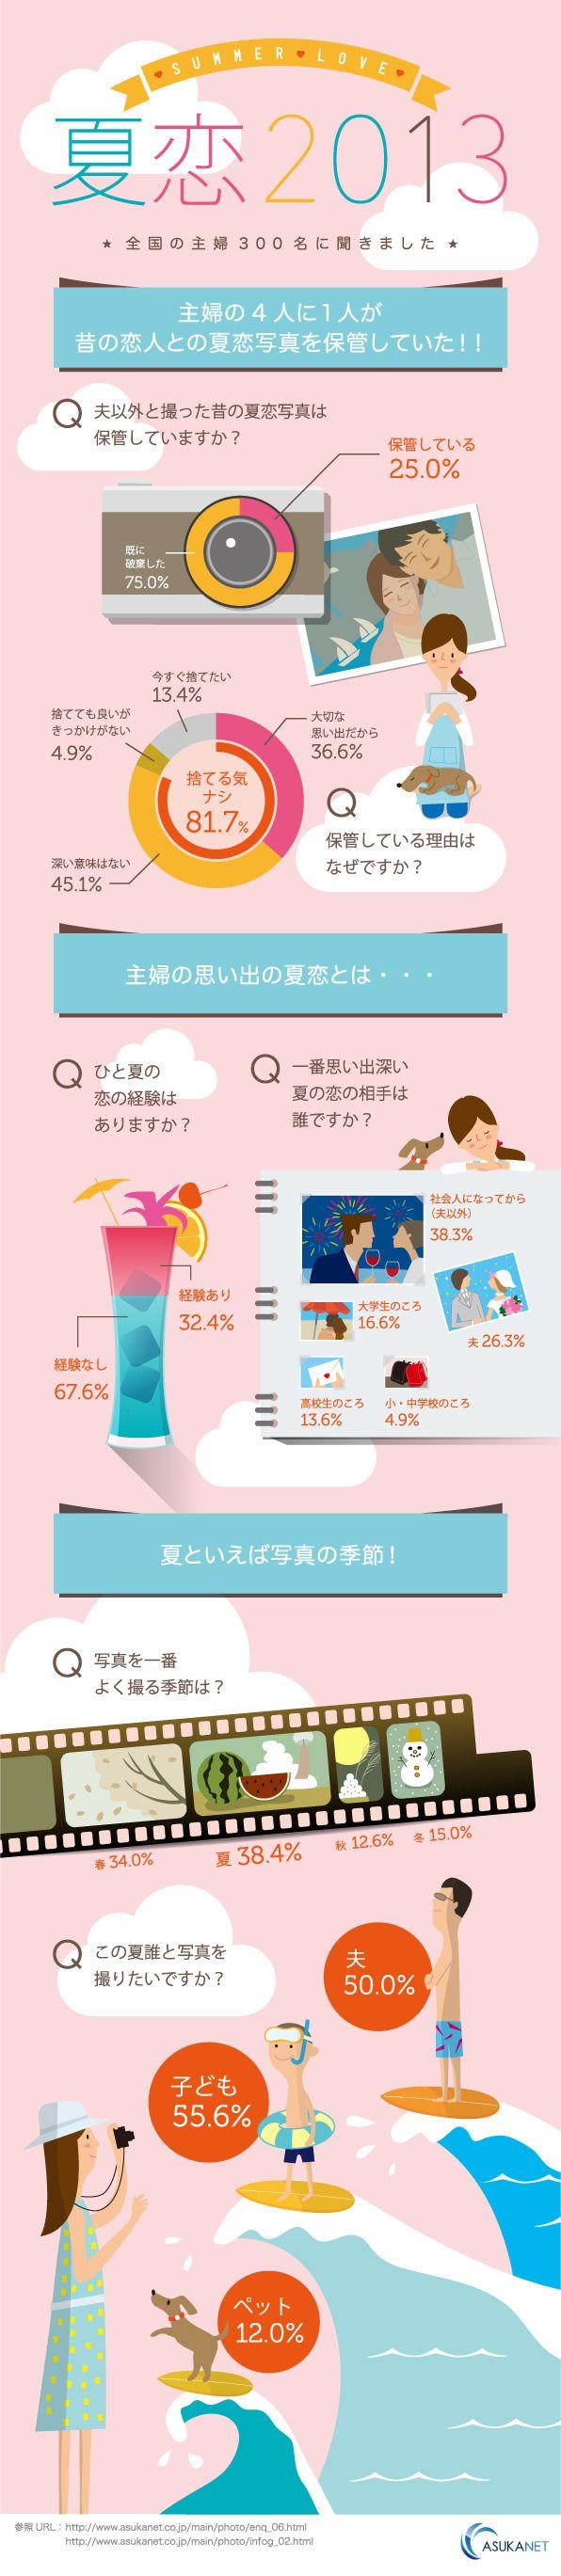 infogra.me(インフォグラミー)  夏恋2013〜『夏の恋と写真』インフォグラフィック〜